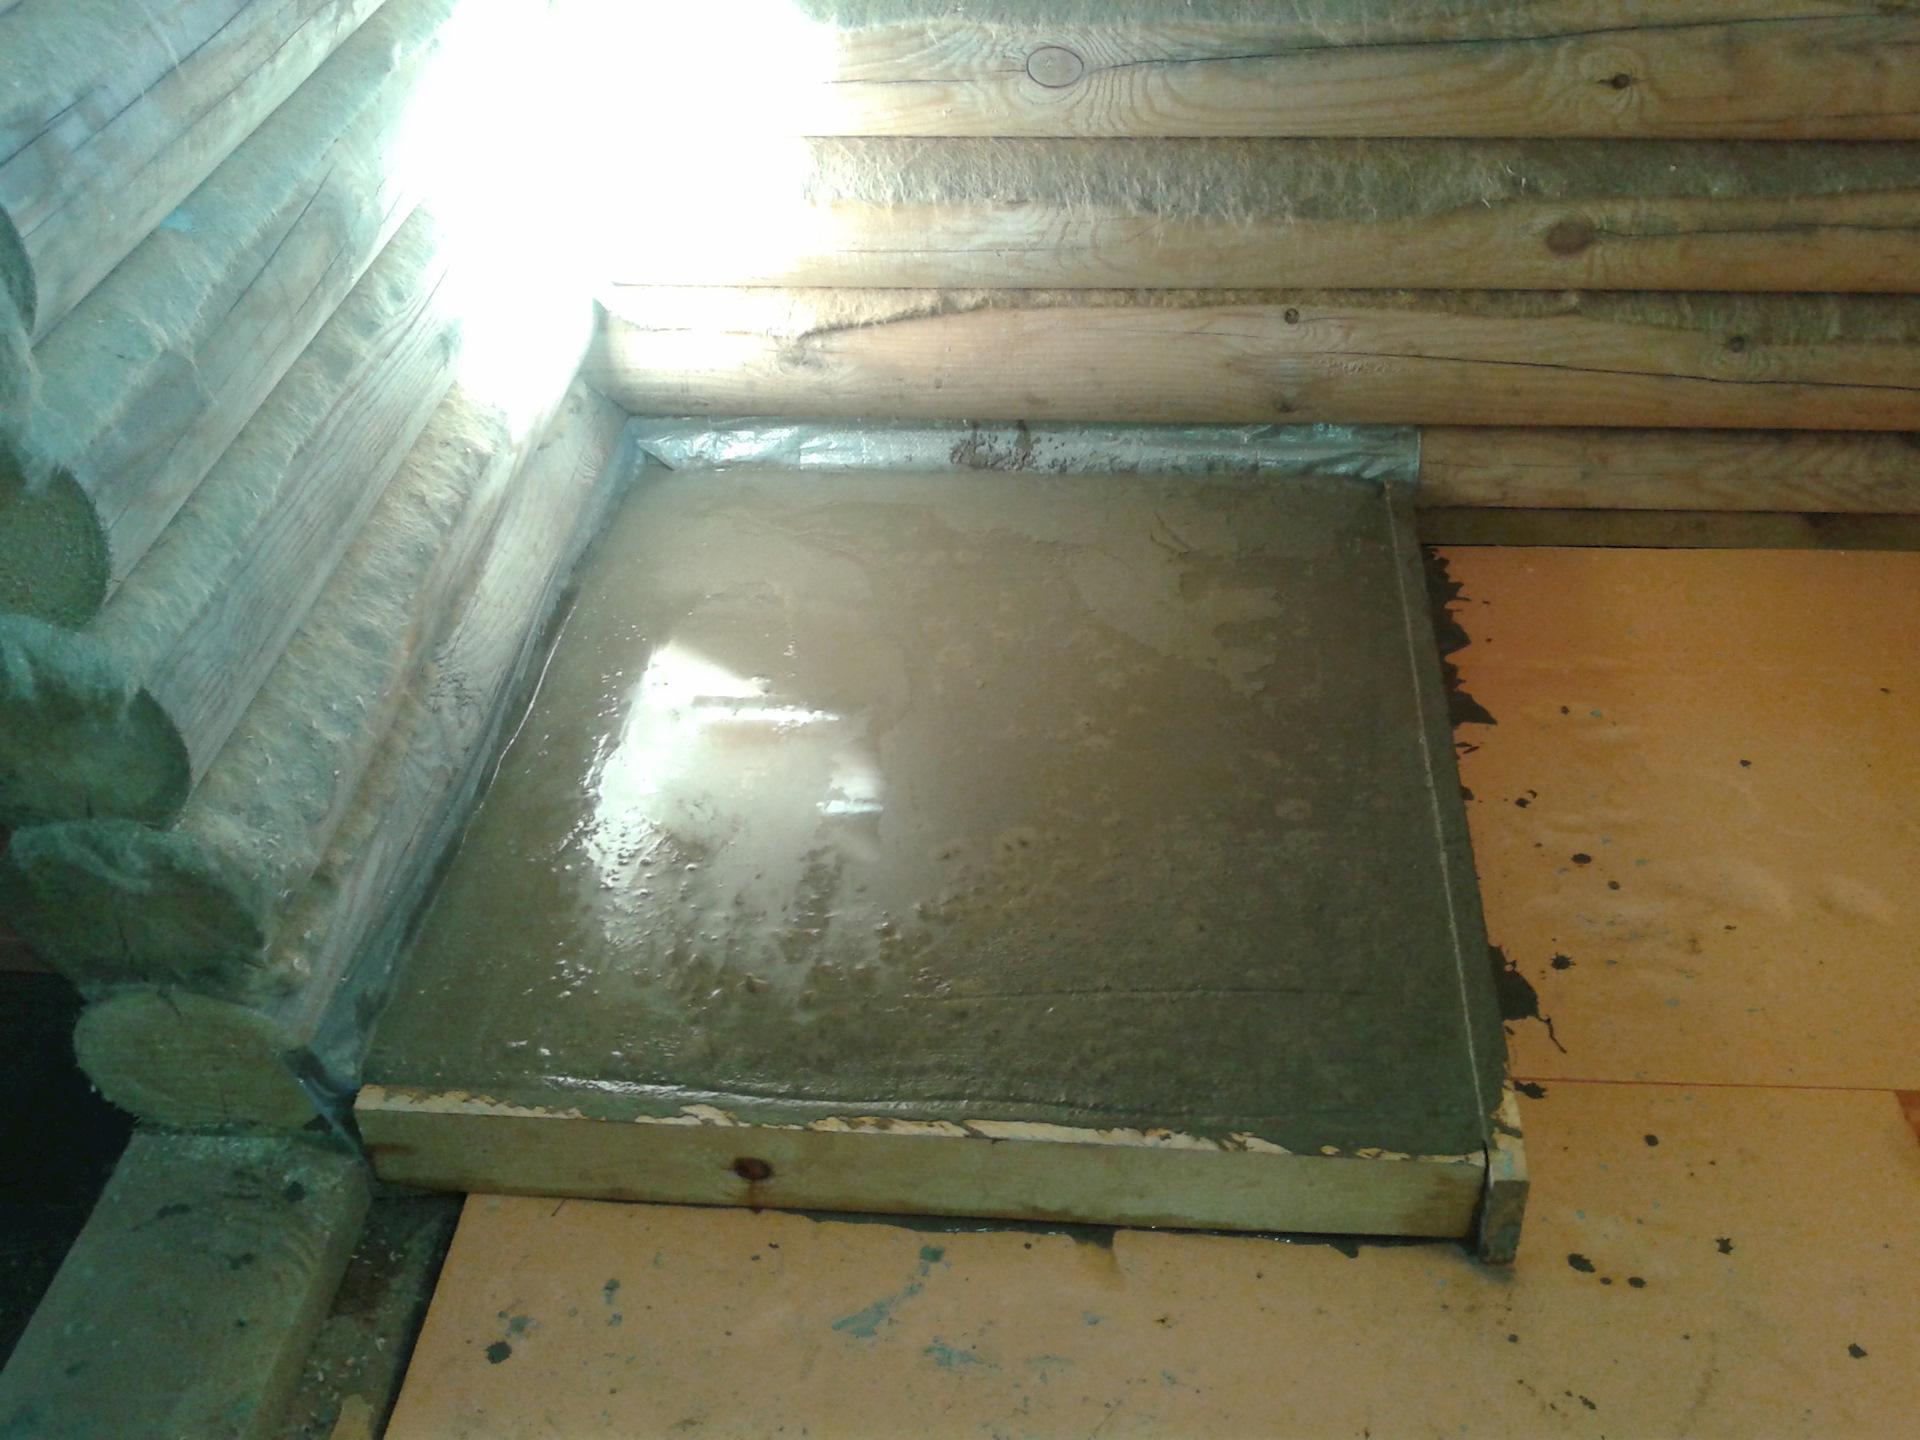 Монолитный плитный фундамент для бани: толщина, устройство, технология армирования и заливки